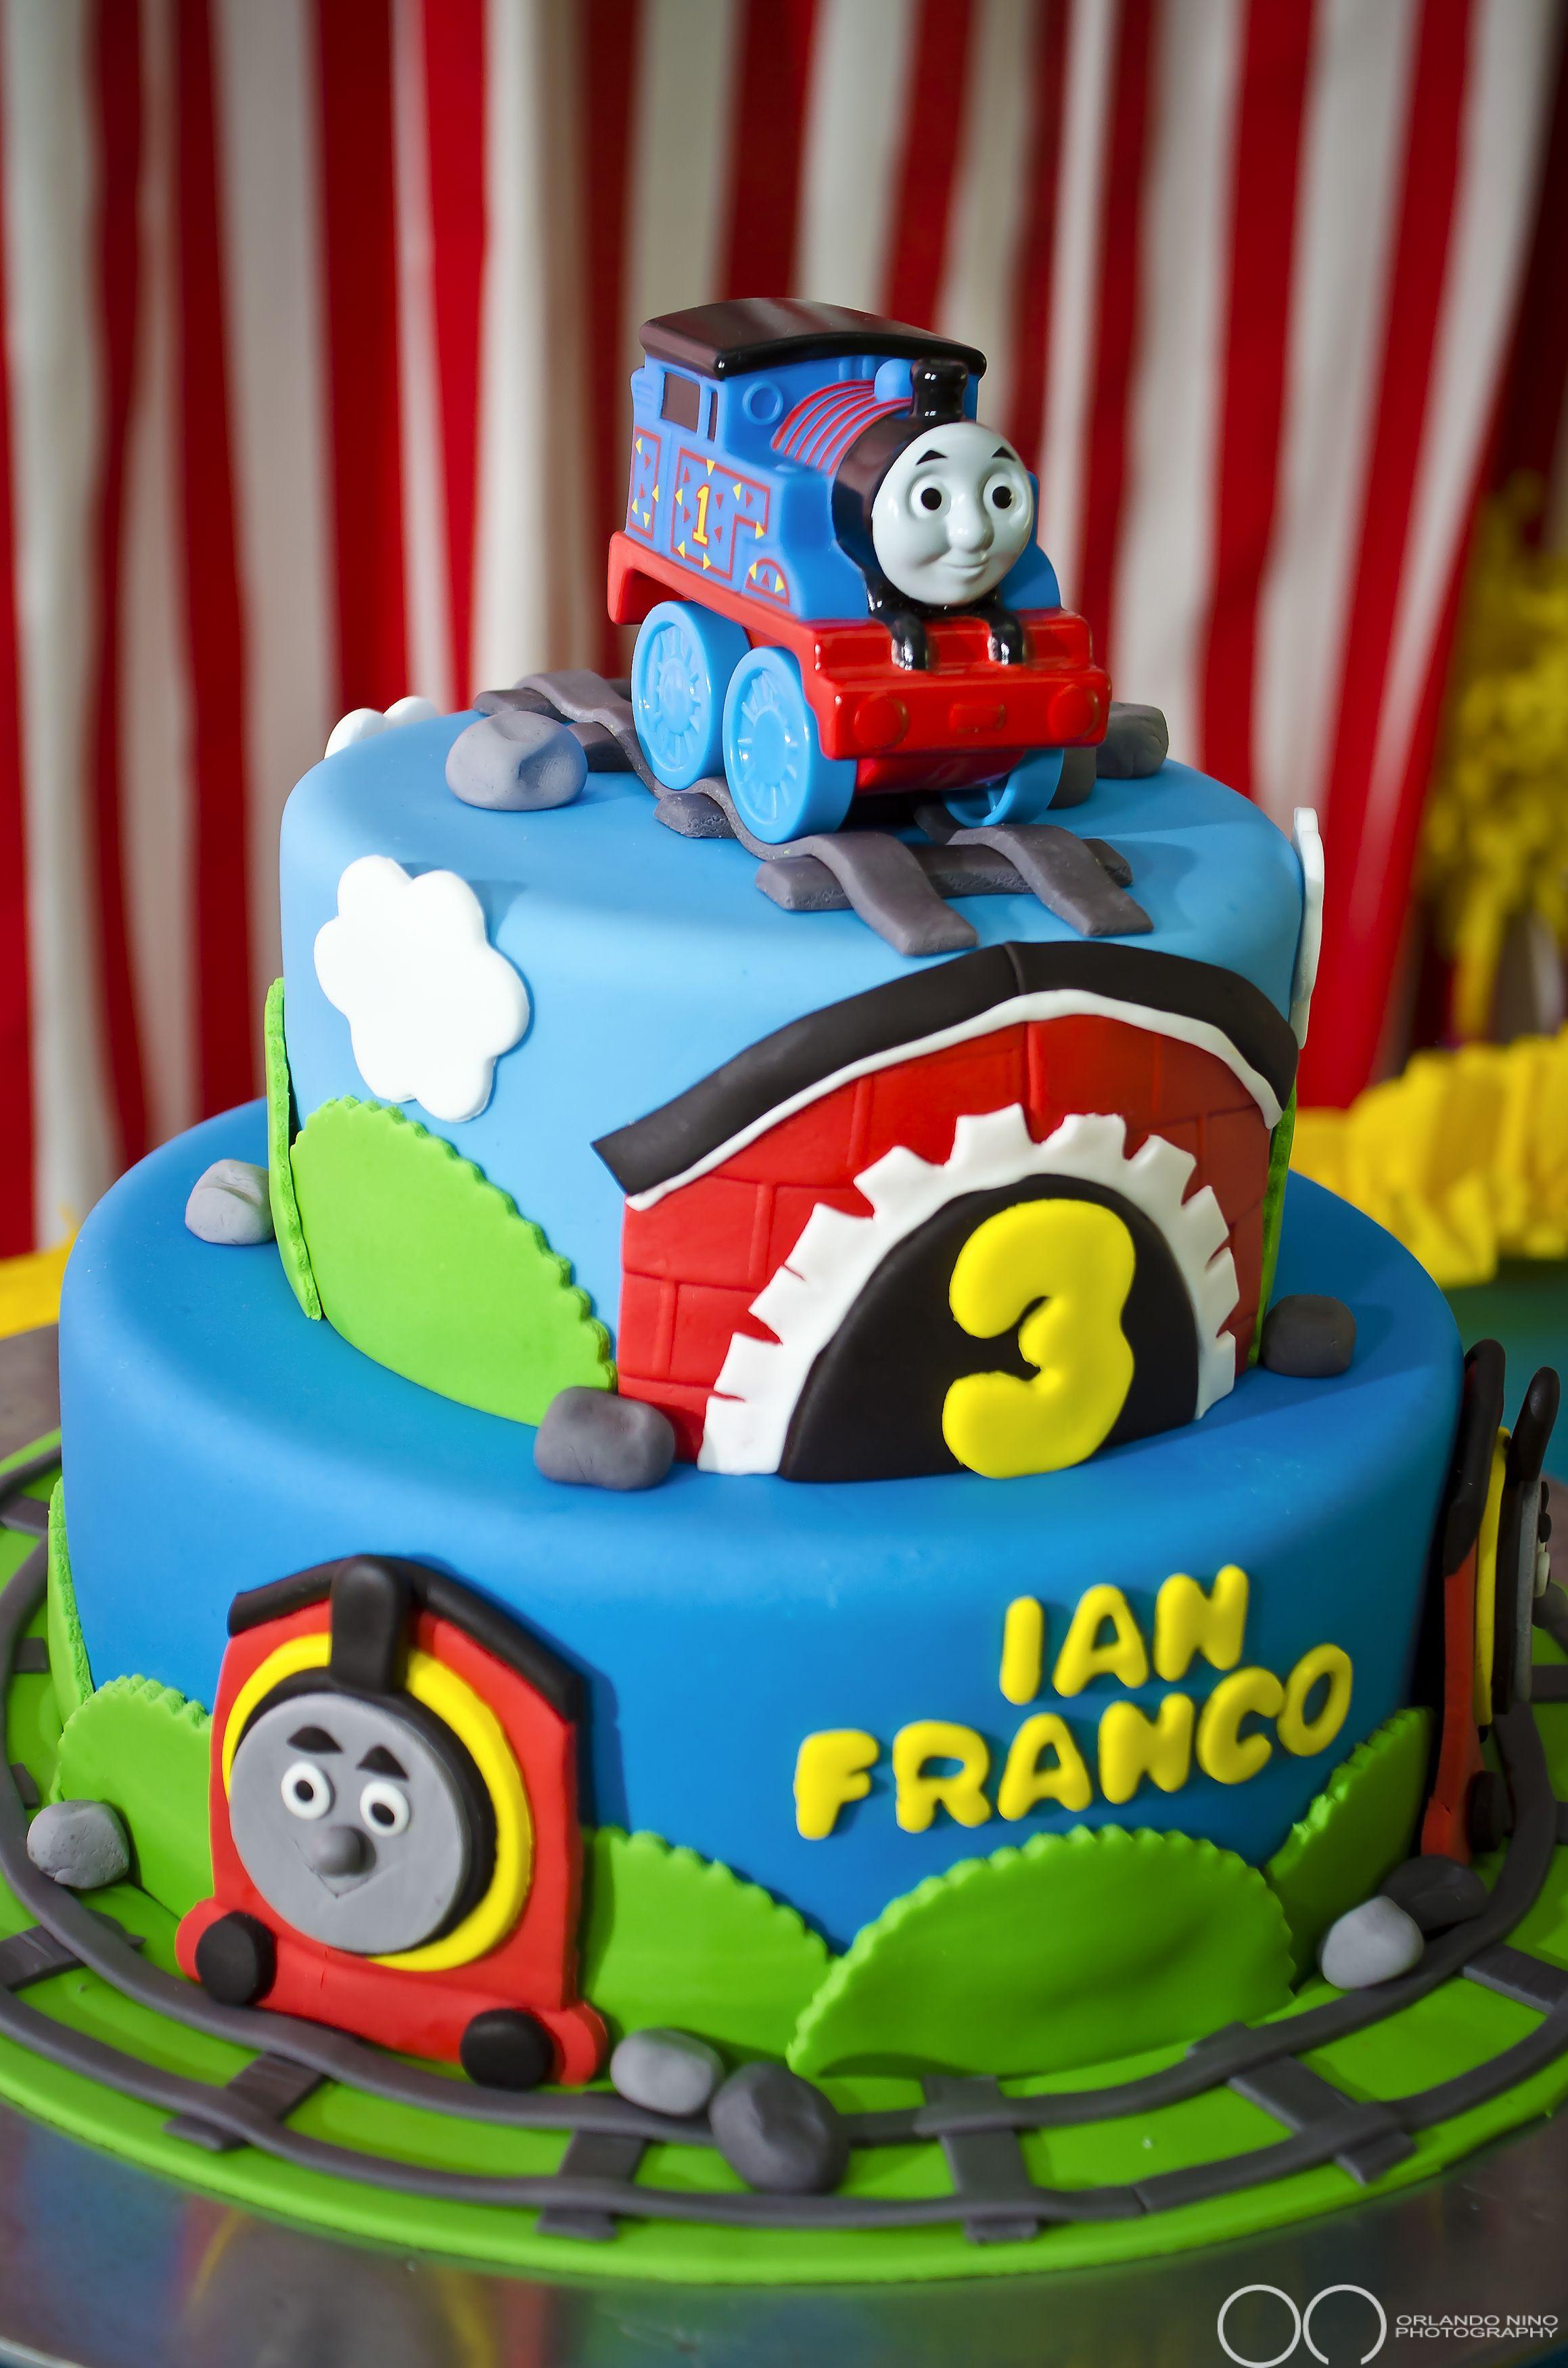 Thomas Birthday Cake Design : Thomas and Friends Birthday cake Ice cream & Cake & Cake ...